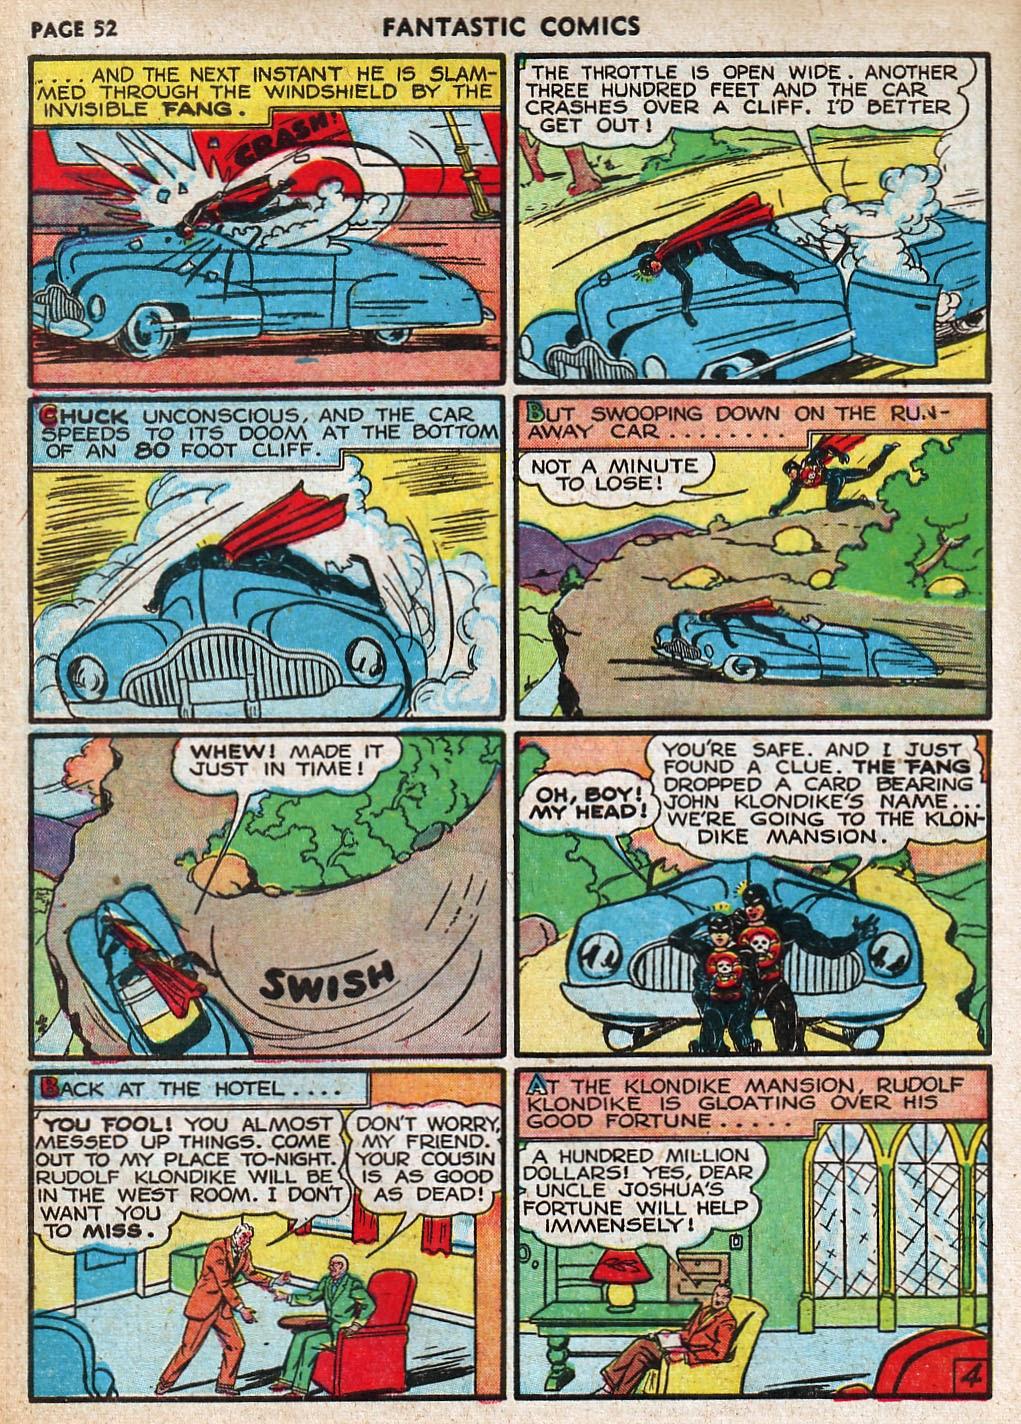 Read online Fantastic Comics comic -  Issue #20 - 52